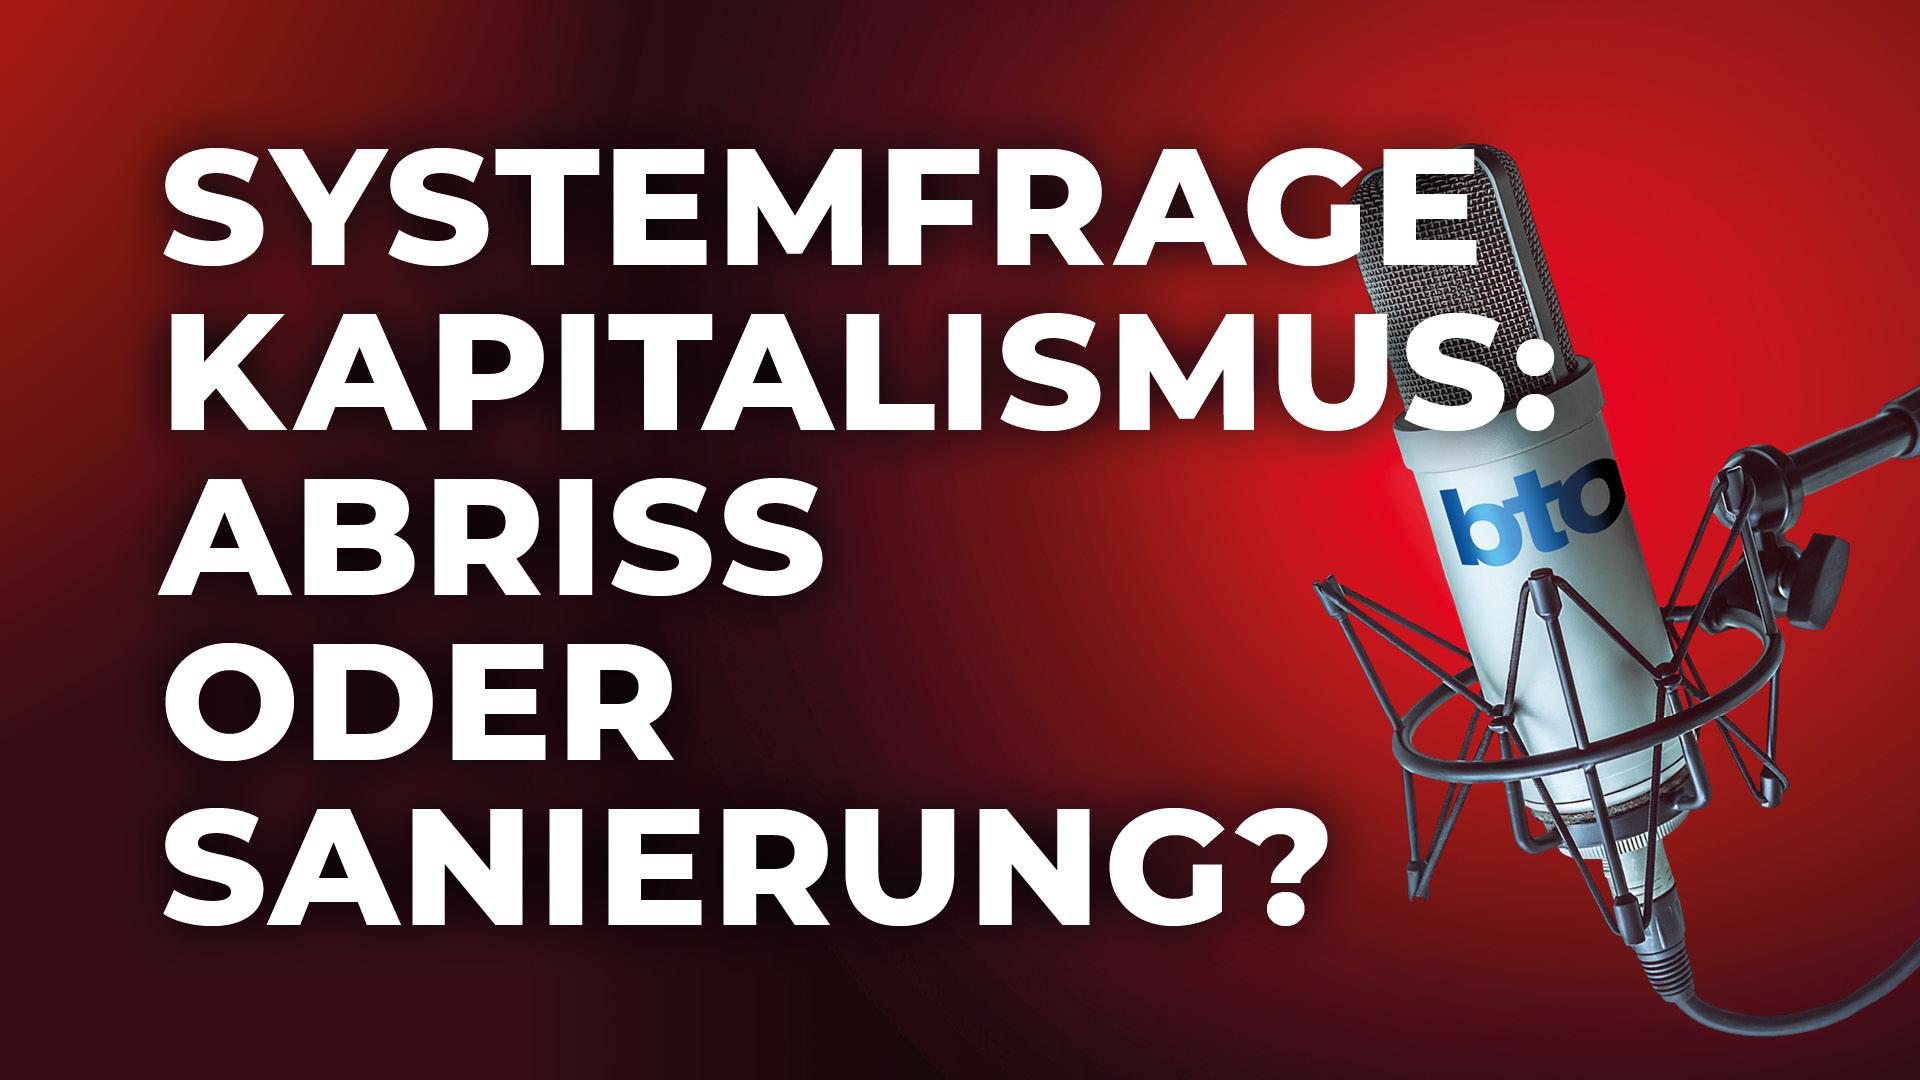 Systemfrage Kapitalismus: Abriss oder Sanierung?